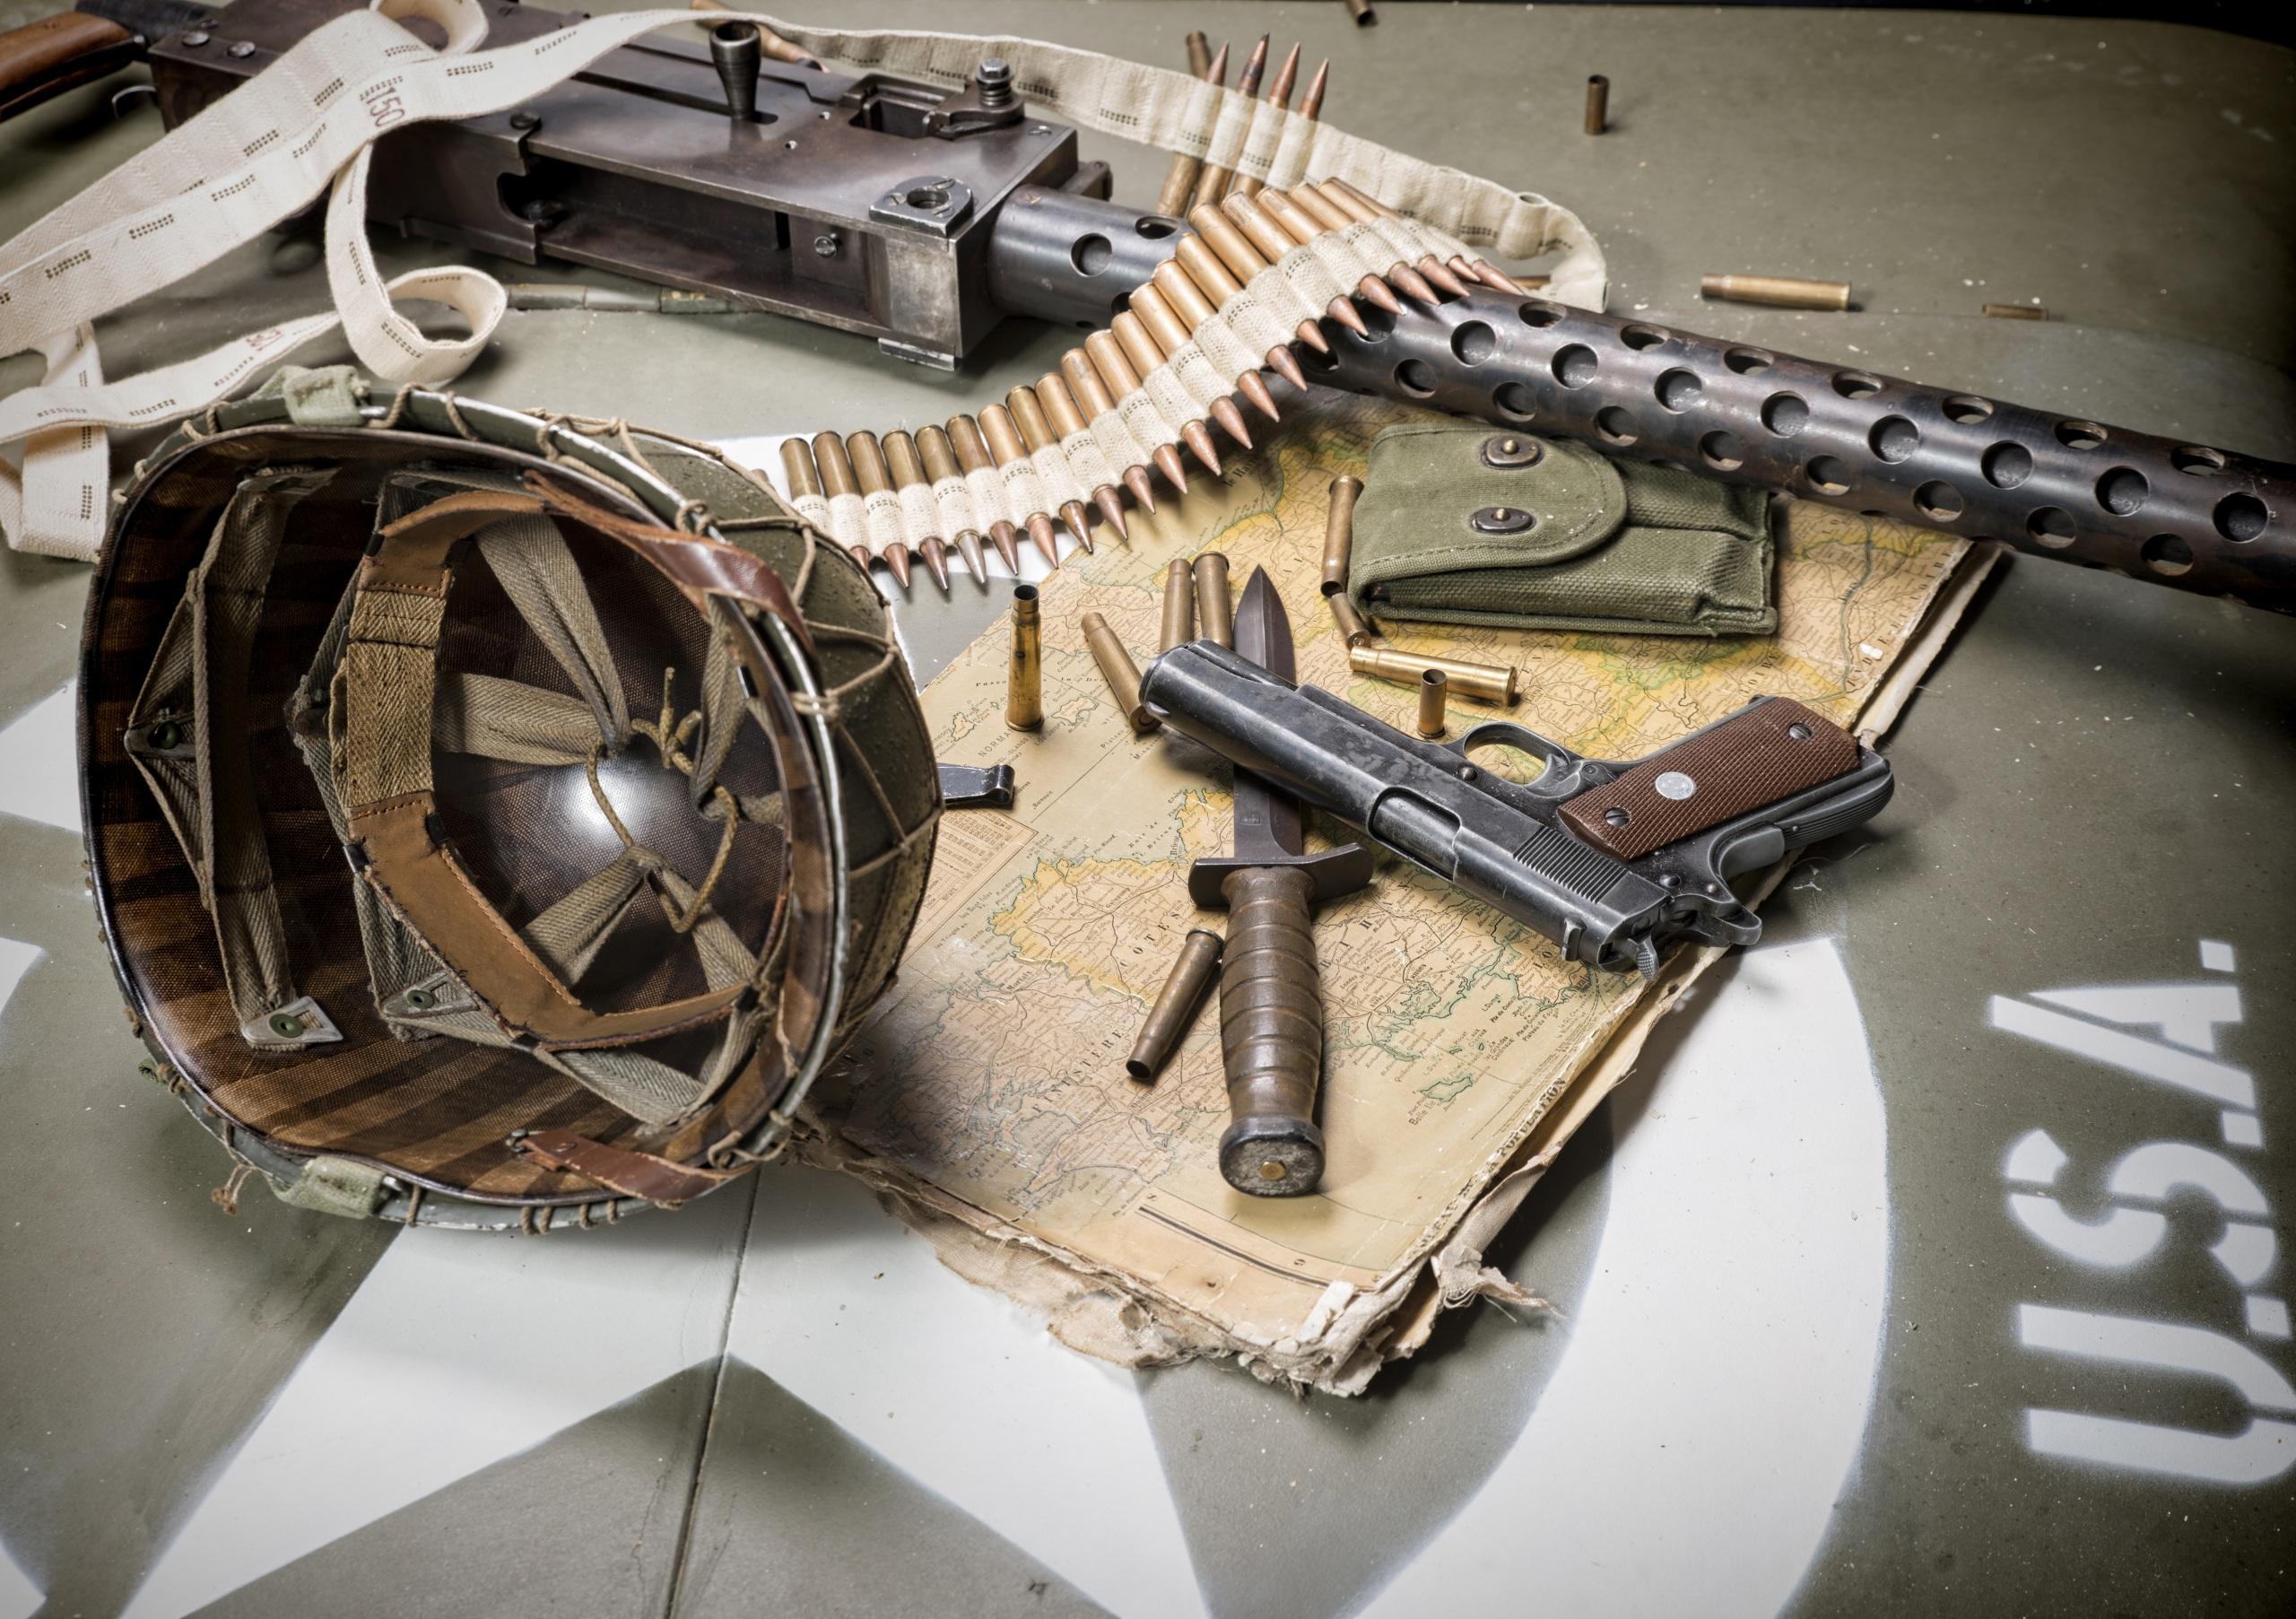 壁紙 2560x1805 ミリタリーヘルメット ピストル ナイフ ートリッジ 火器 機関銃 アメリカの 陸軍 ダウンロード 写真